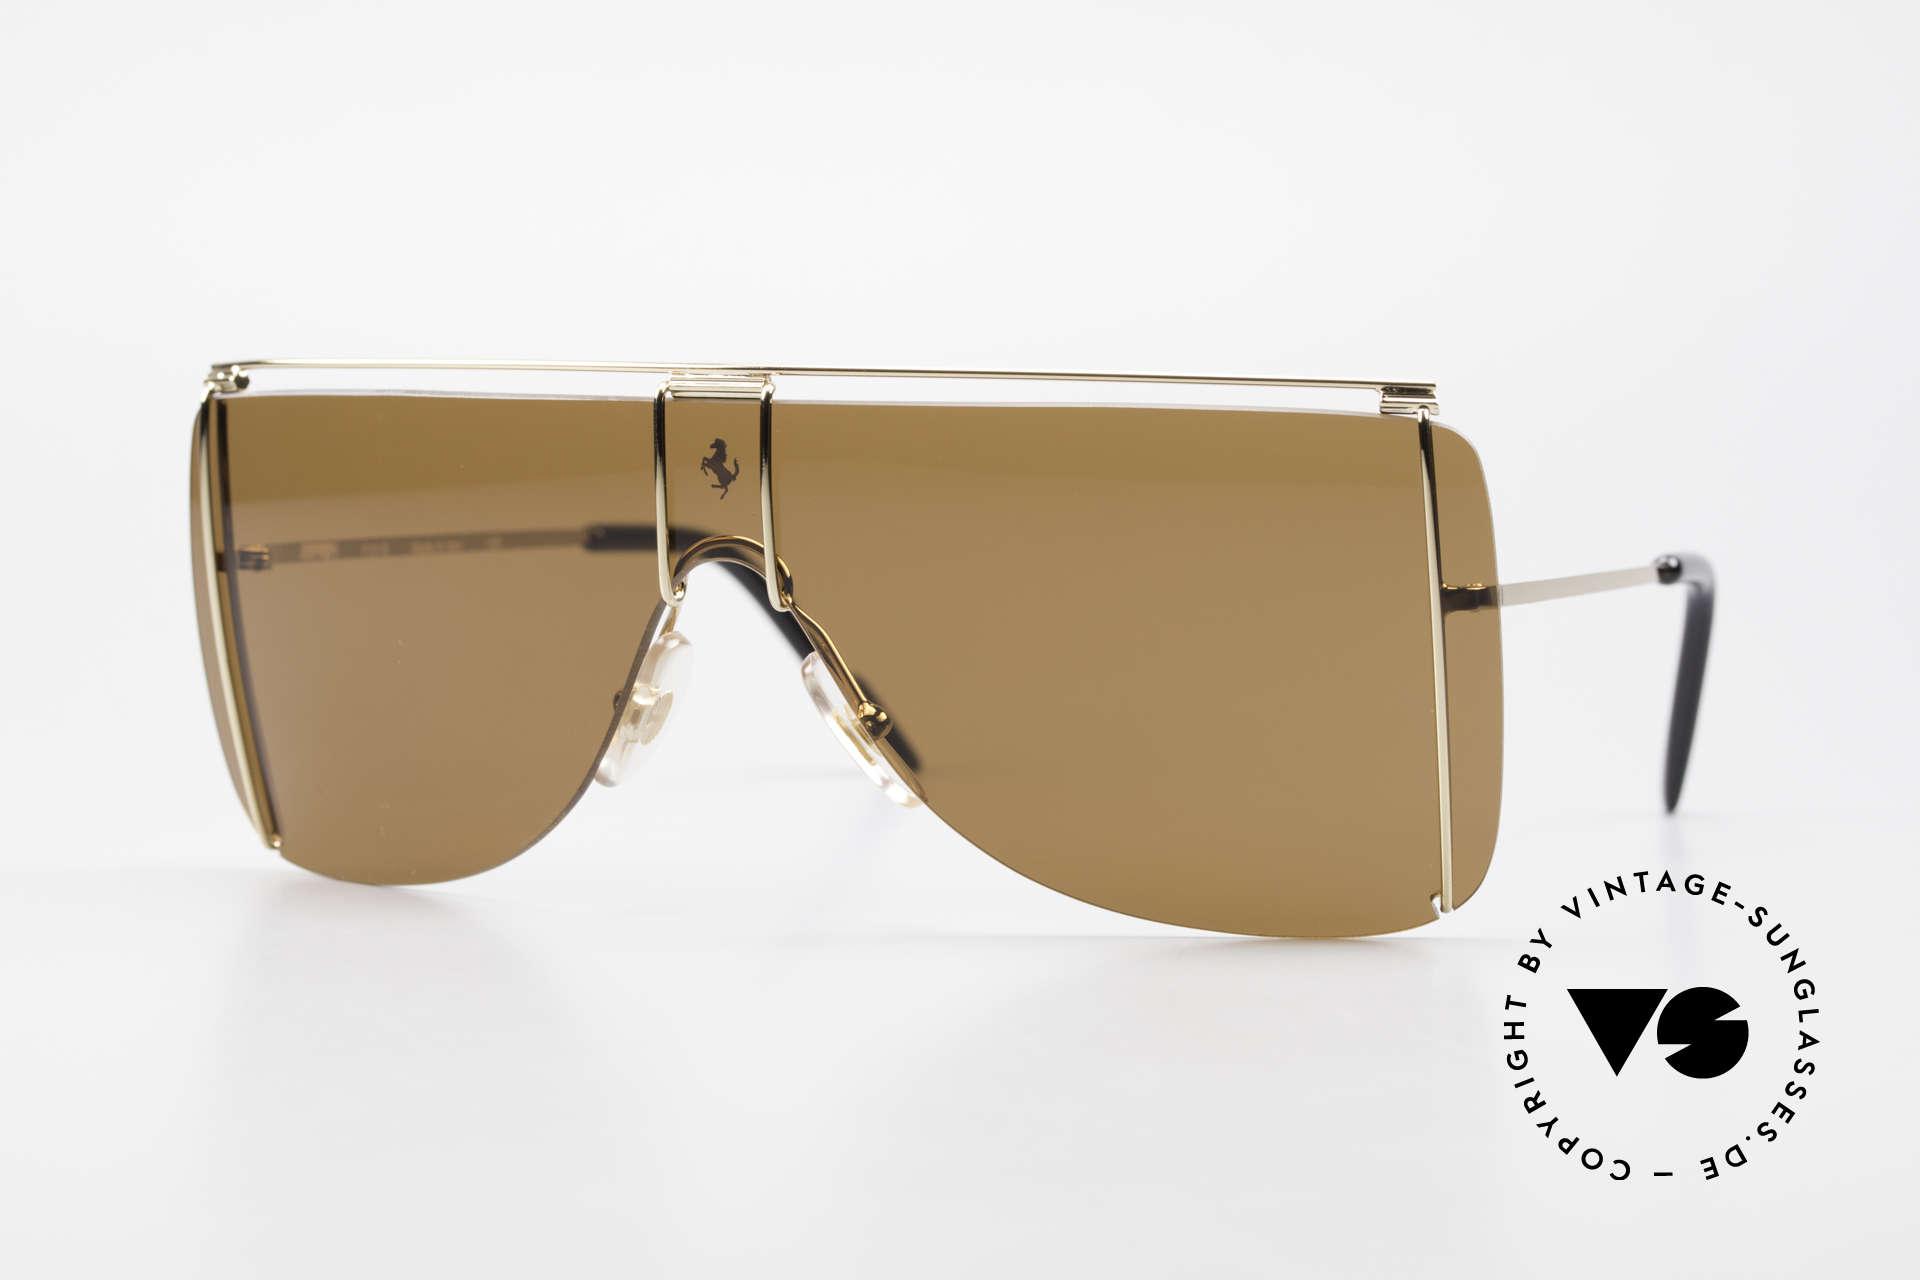 Ferrari F20/S Kylie Jenner Sunglasses, sporty 90's luxury sunglasses by famous Ferrari, Made for Men and Women